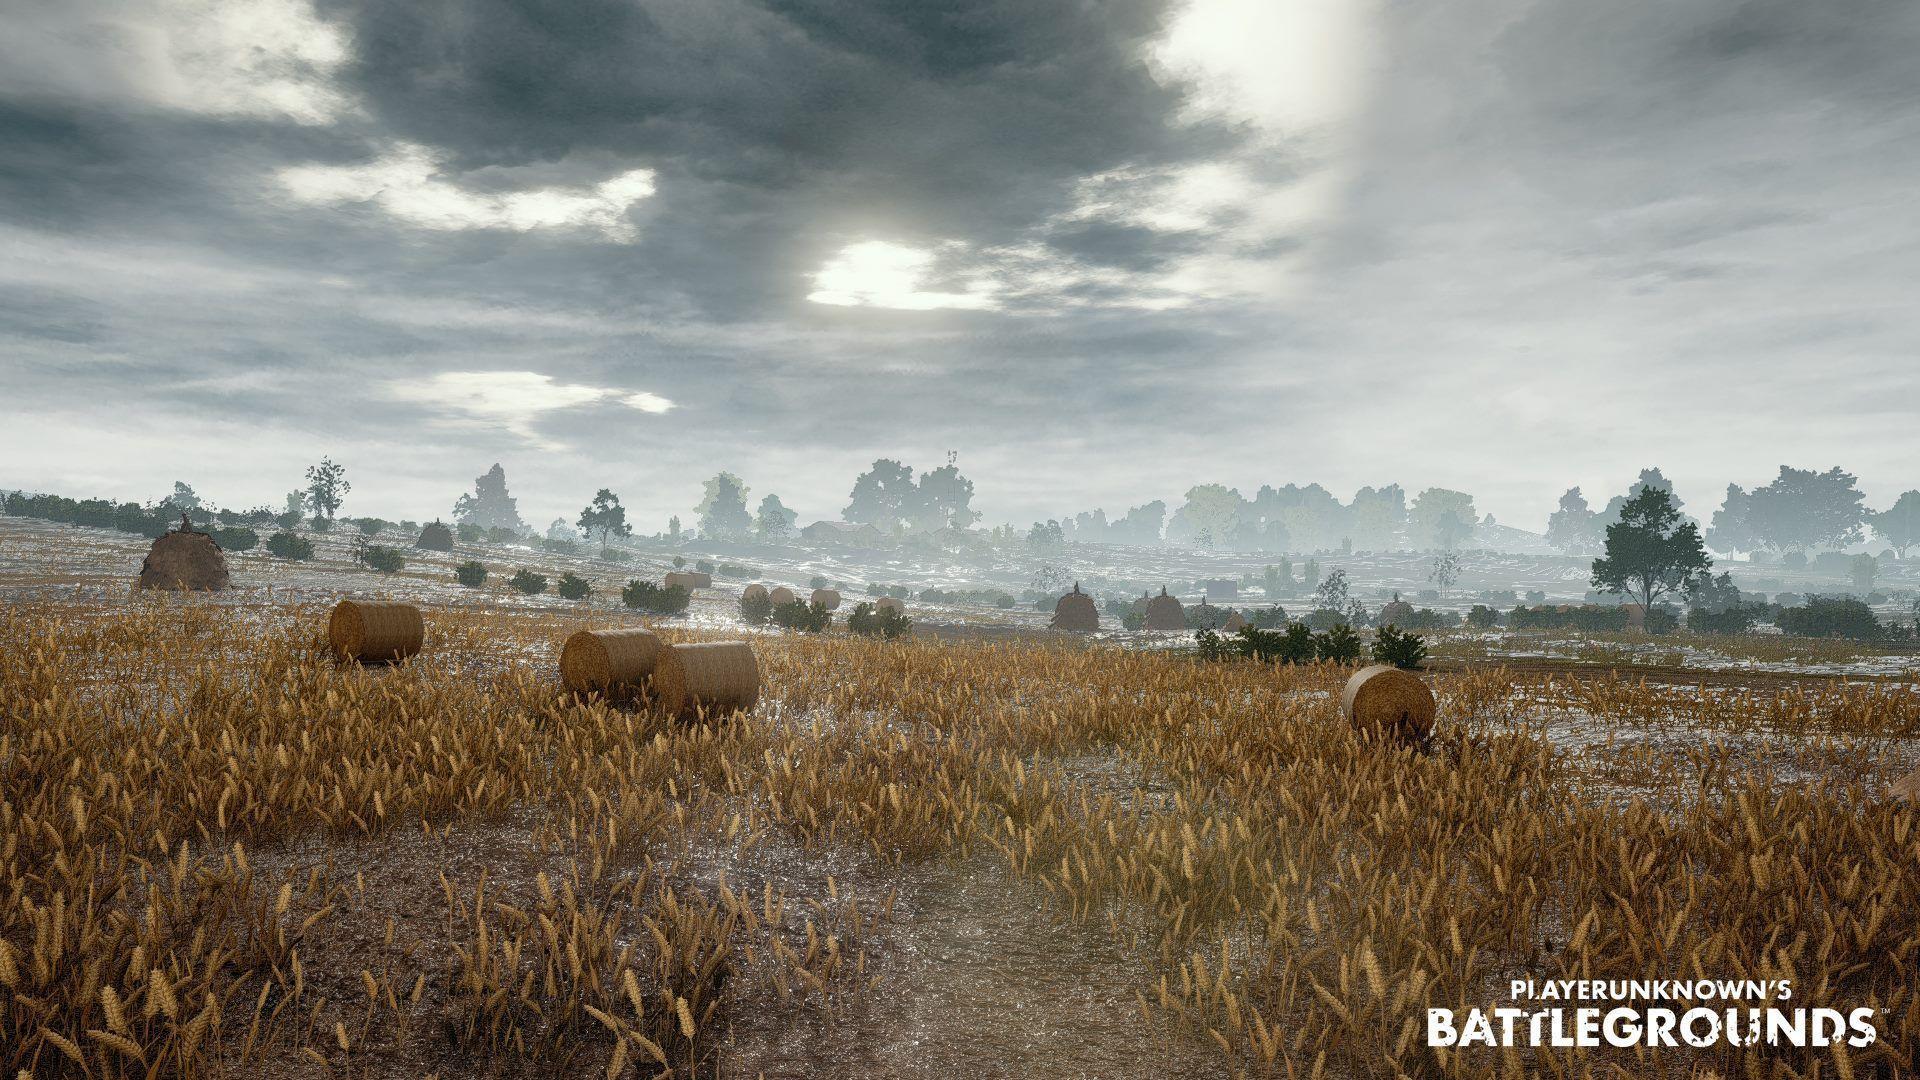 Playerunknowns Battlegrounds Wallpaper Hd Sokolvineyard Com